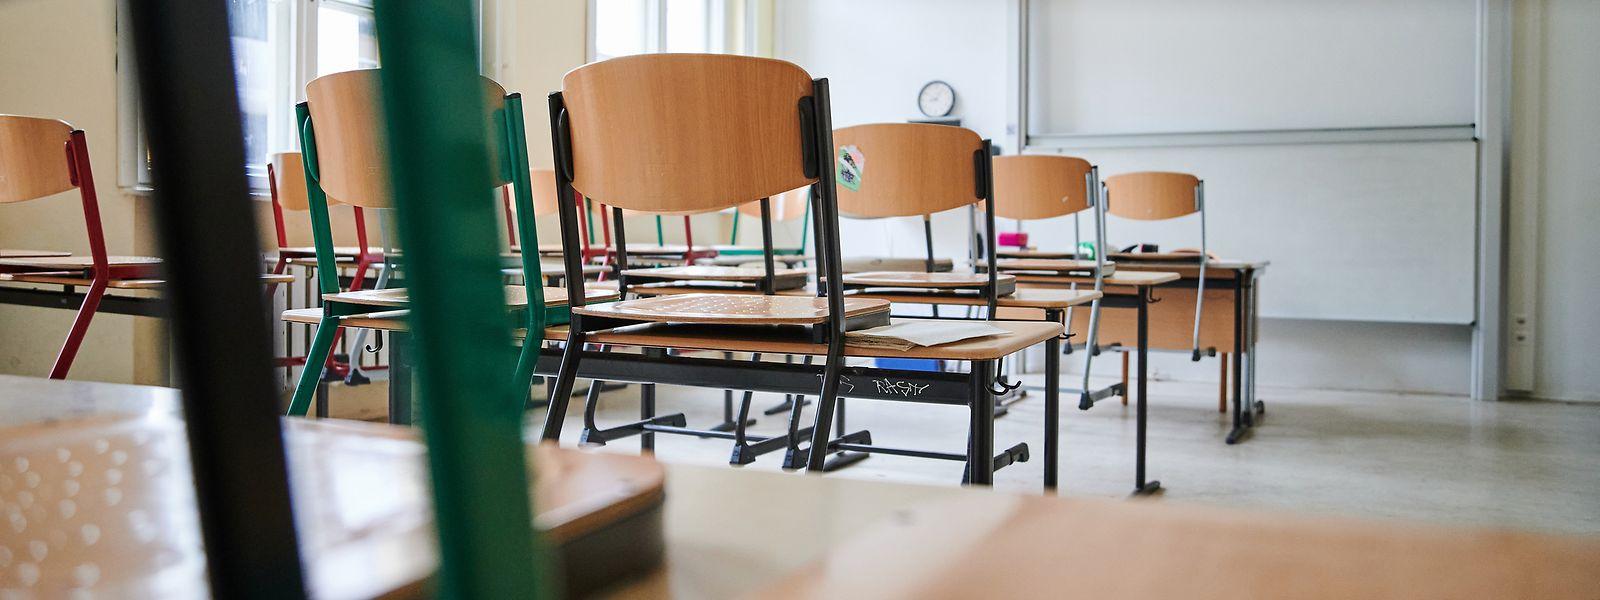 Wenn die Infektionslage in den Schulen unter Kontrolle bleibt, finden die Epreuves communes im Zyklus 4.2 wie geplant im März statt.